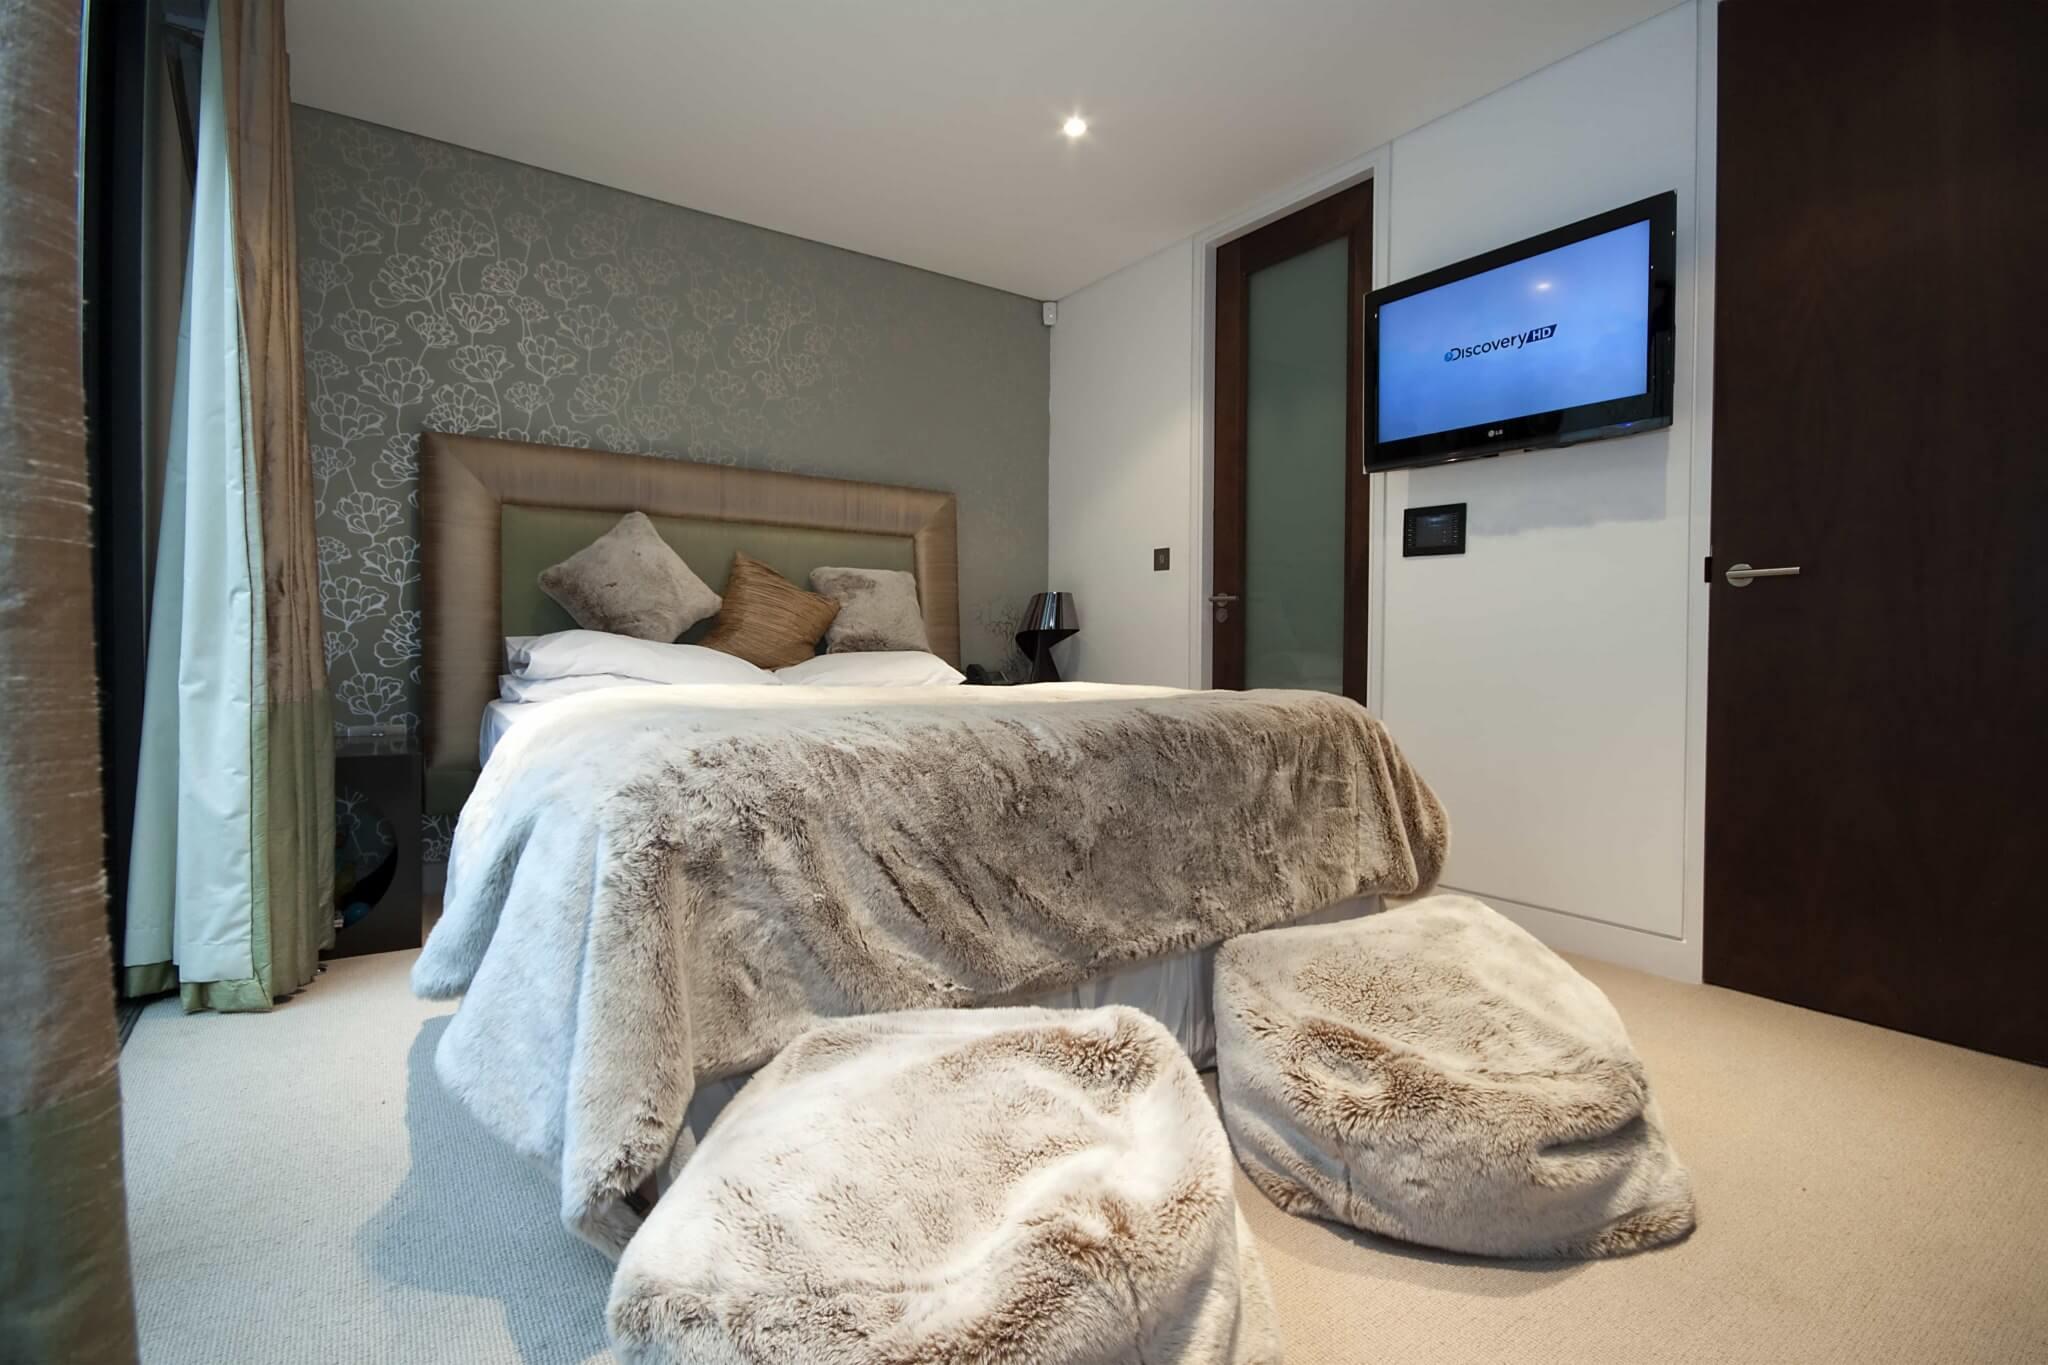 Baker St Audio Video in bedroom